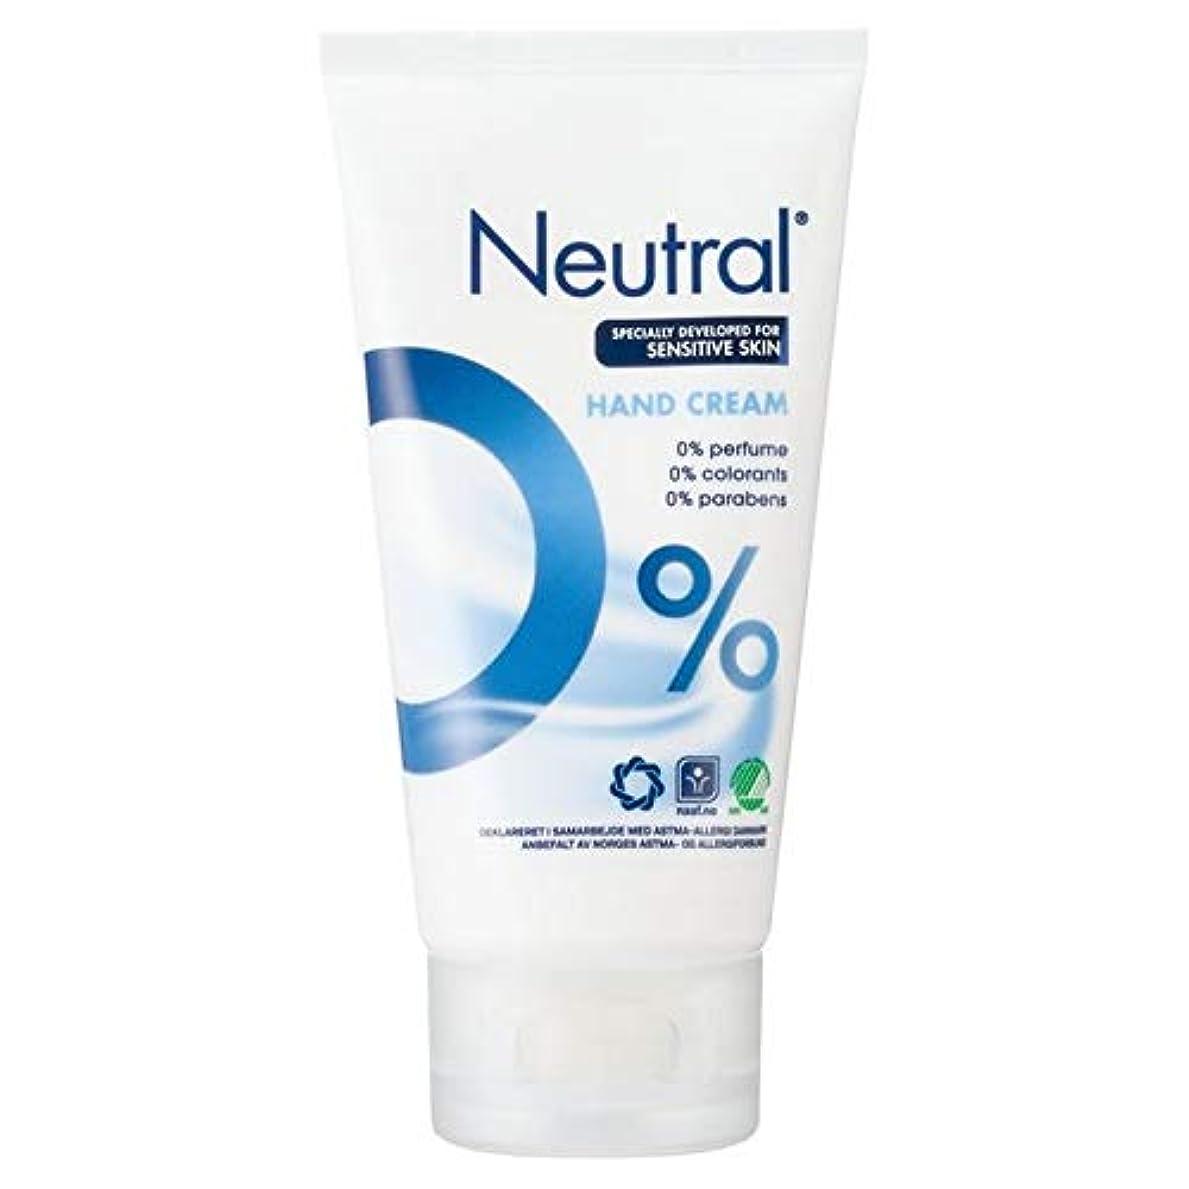 主十億レンド[Neutral ] ニュートラル0%のハンドクリーム75ミリリットル - Neutral 0% Hand Cream 75ml [並行輸入品]